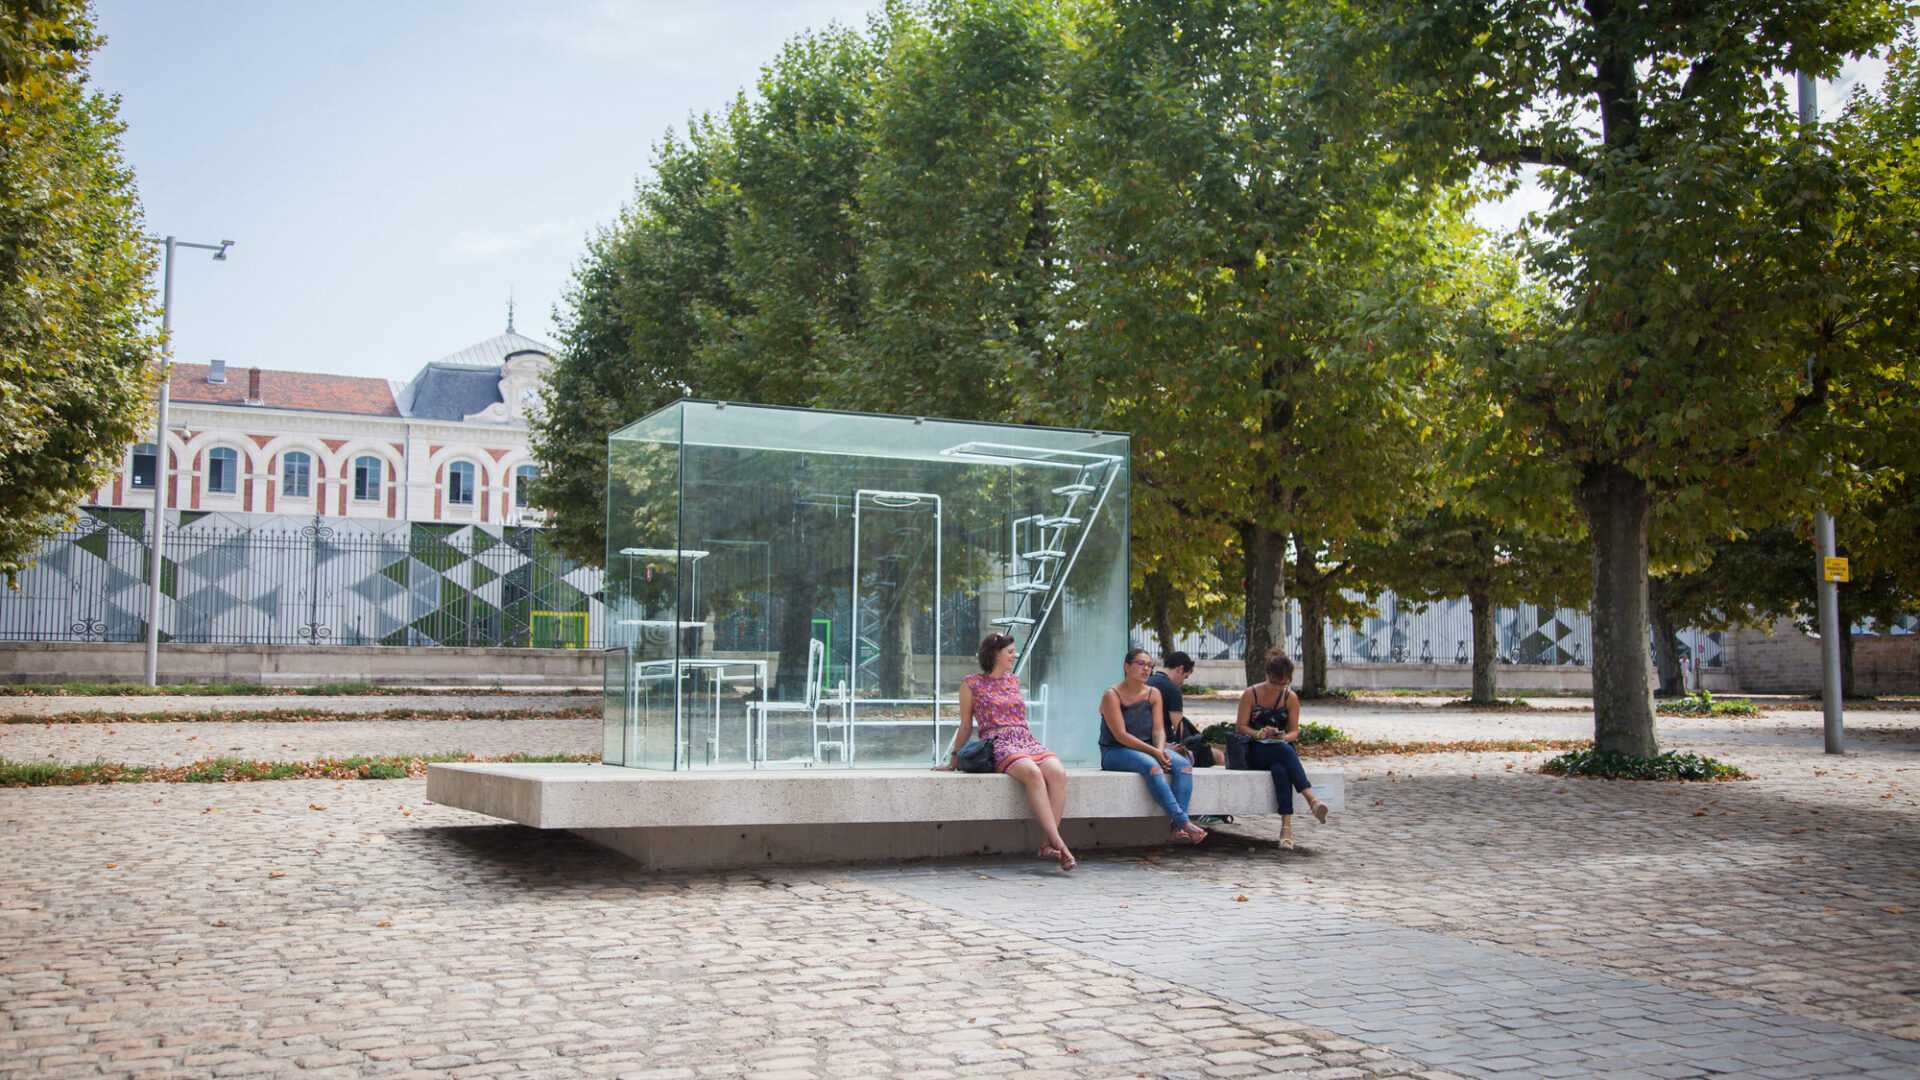 Saint-Etienne_tourisme&congres_Magali Stora (2) Cité du design